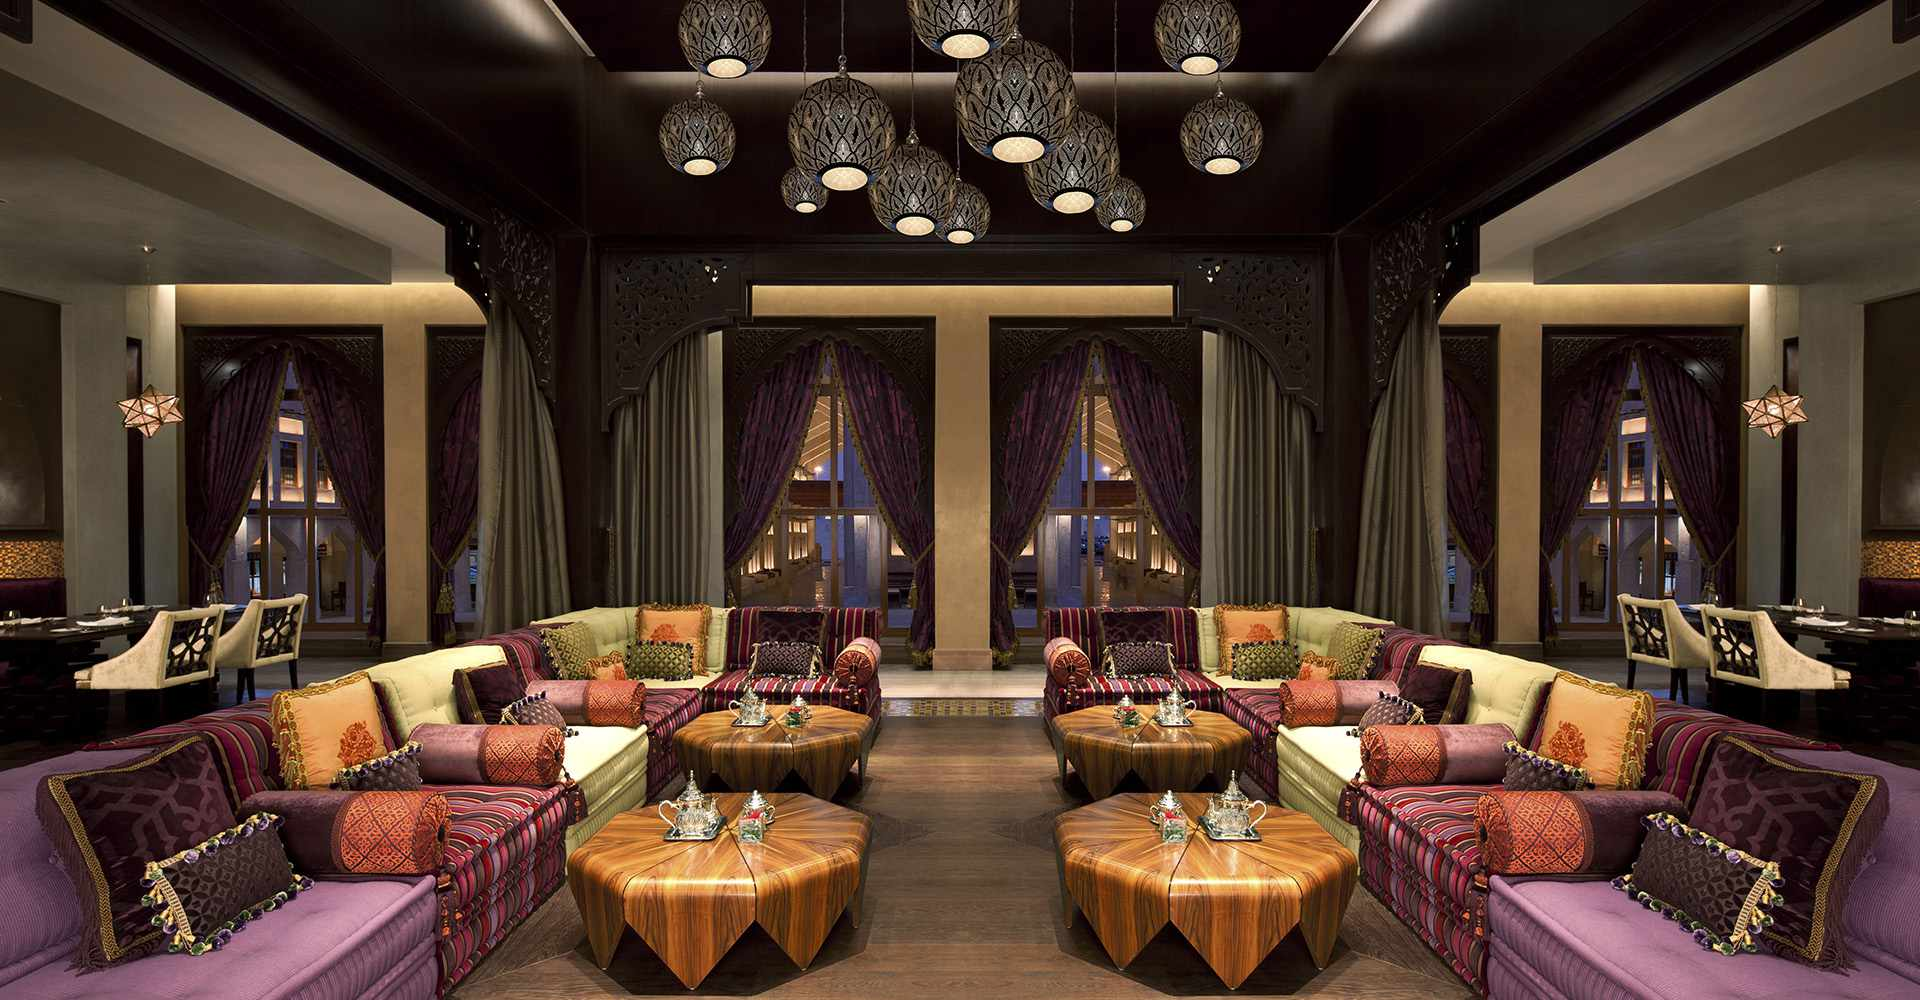 Dining in Doha | Dining at Argan Restaurant